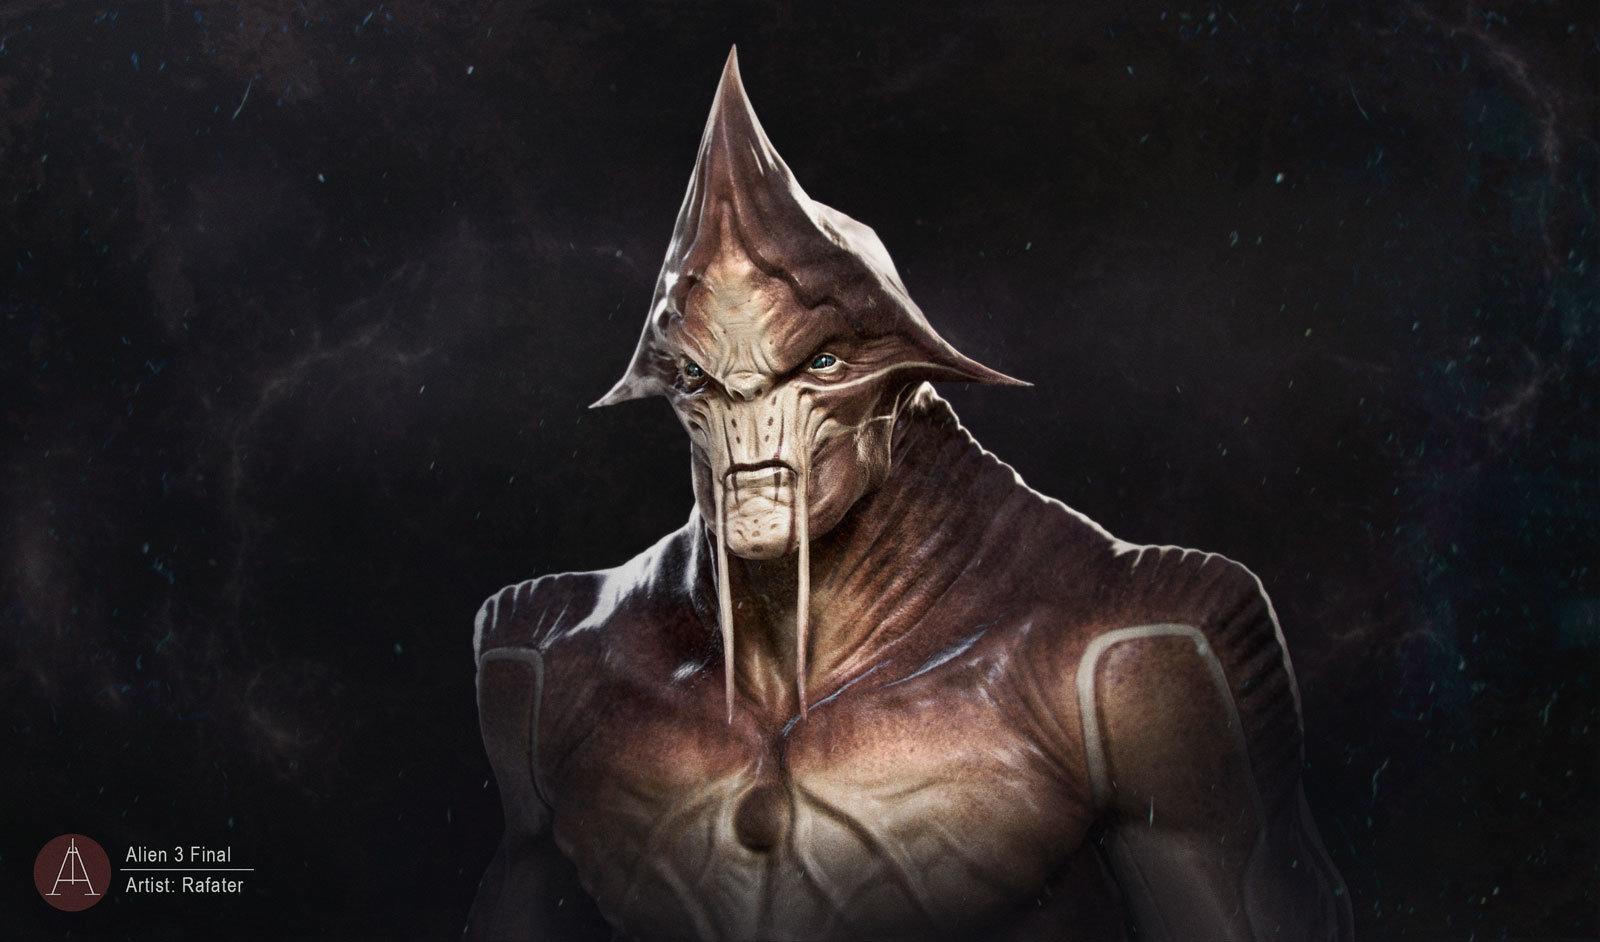 Alien render